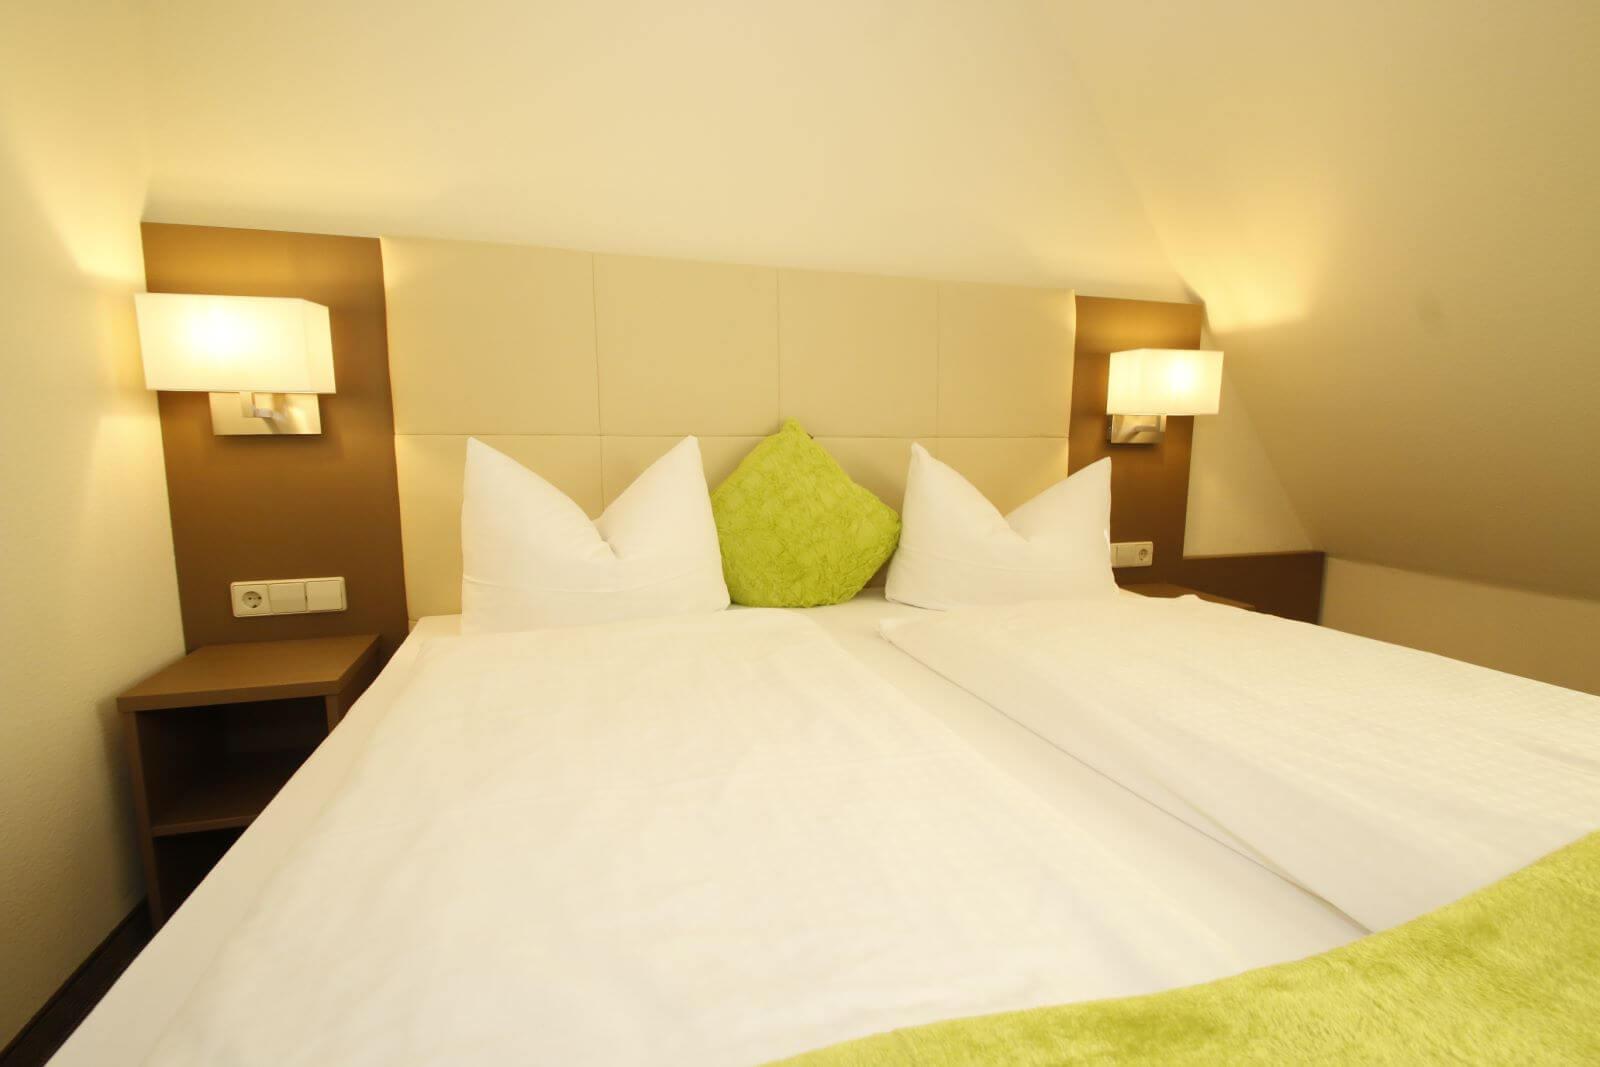 familienzimmer-suite-apartment-hotel-garni-pension-freiburg-cityhotel-innenstadt-guenstig (6)